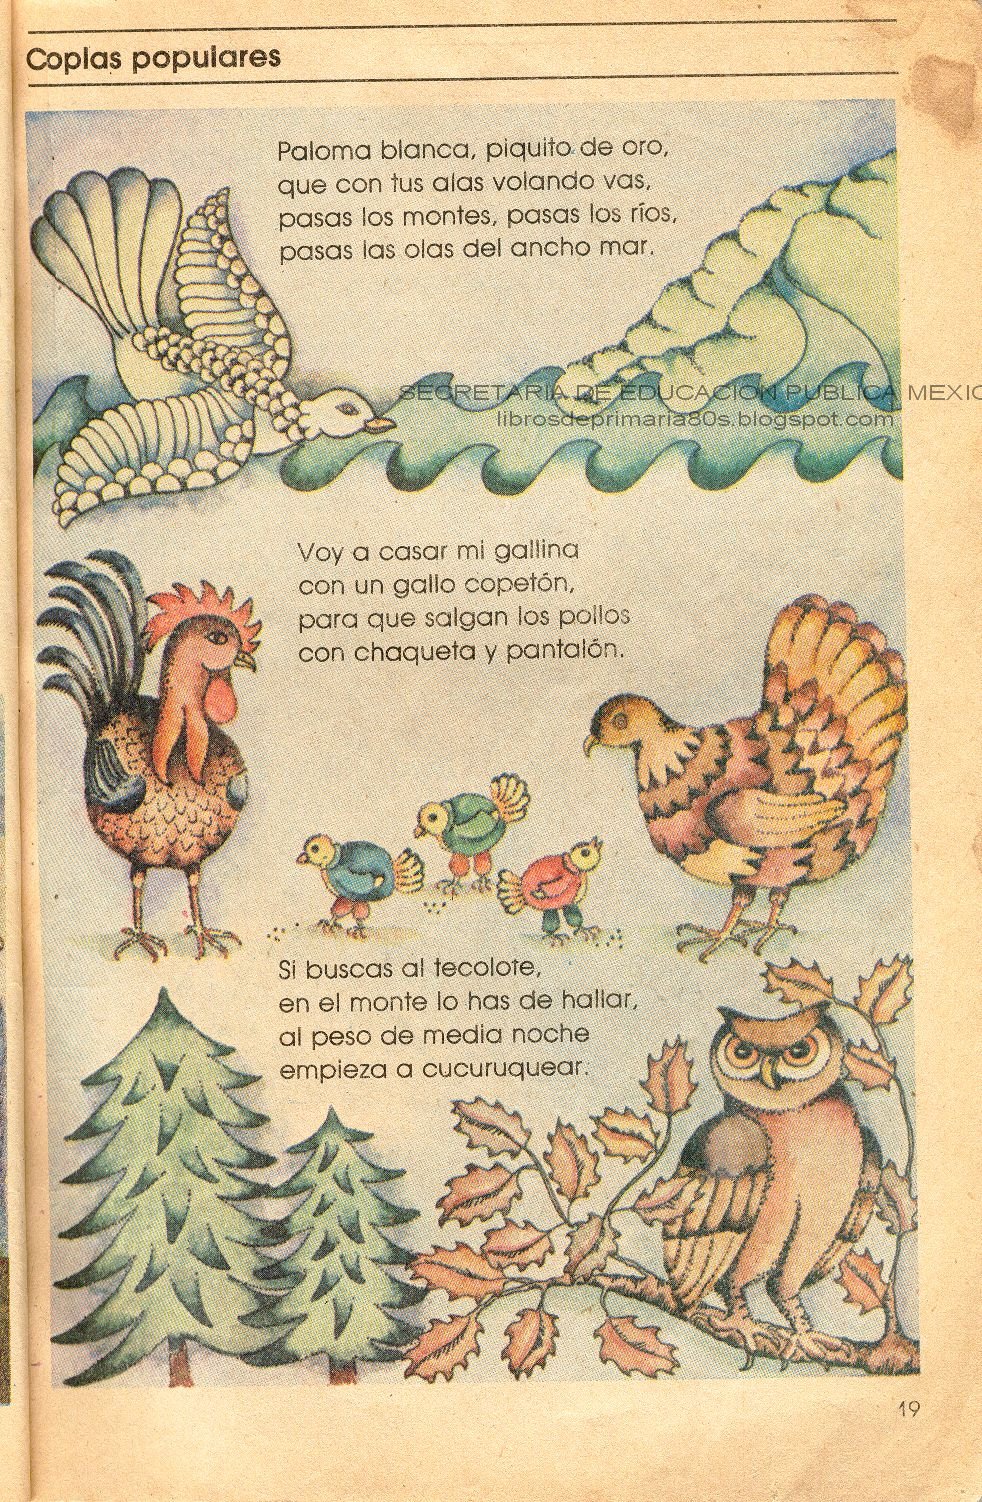 Libros de primaria de los 80 39 s coplas populares espa ol for Espanol lecturas cuarto grado 1993